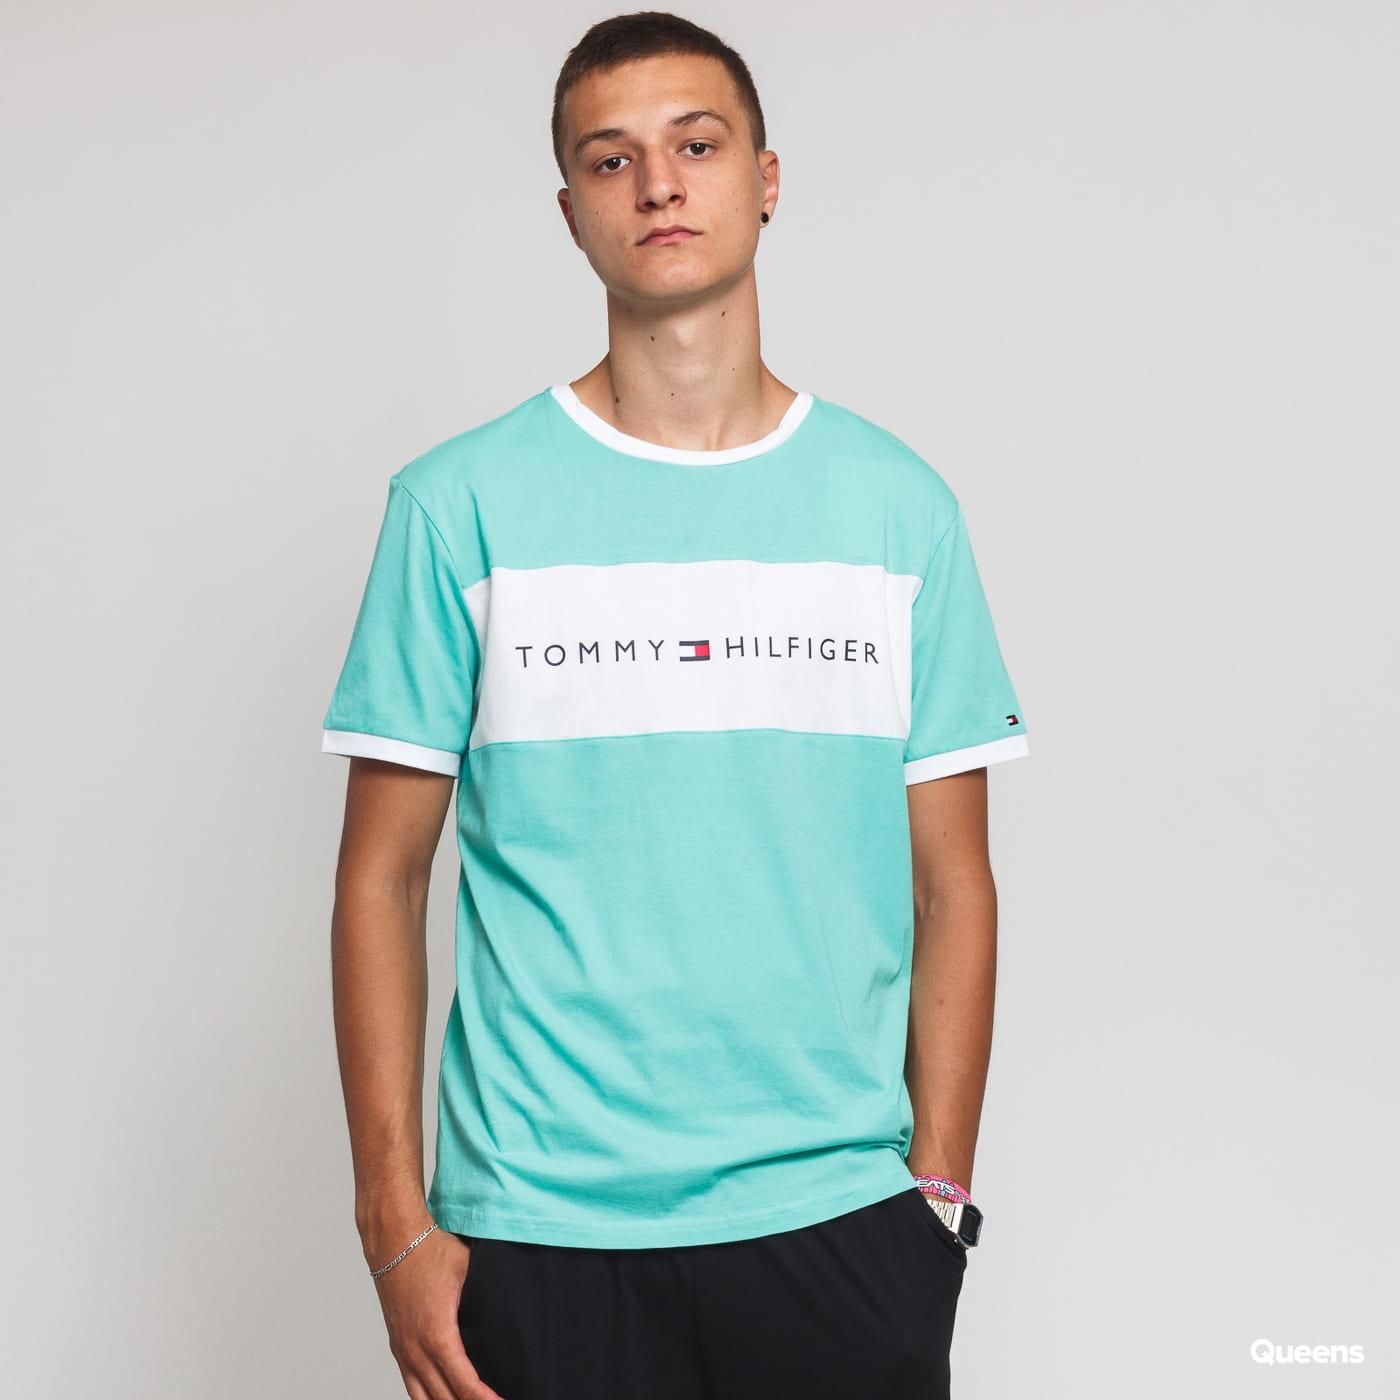 e1434097891fb Short Sleeve T-Shirts Tommy Hilfiger CN SS Tee Logo Flag light green  (UM0UM01170 319) – Queens 💚